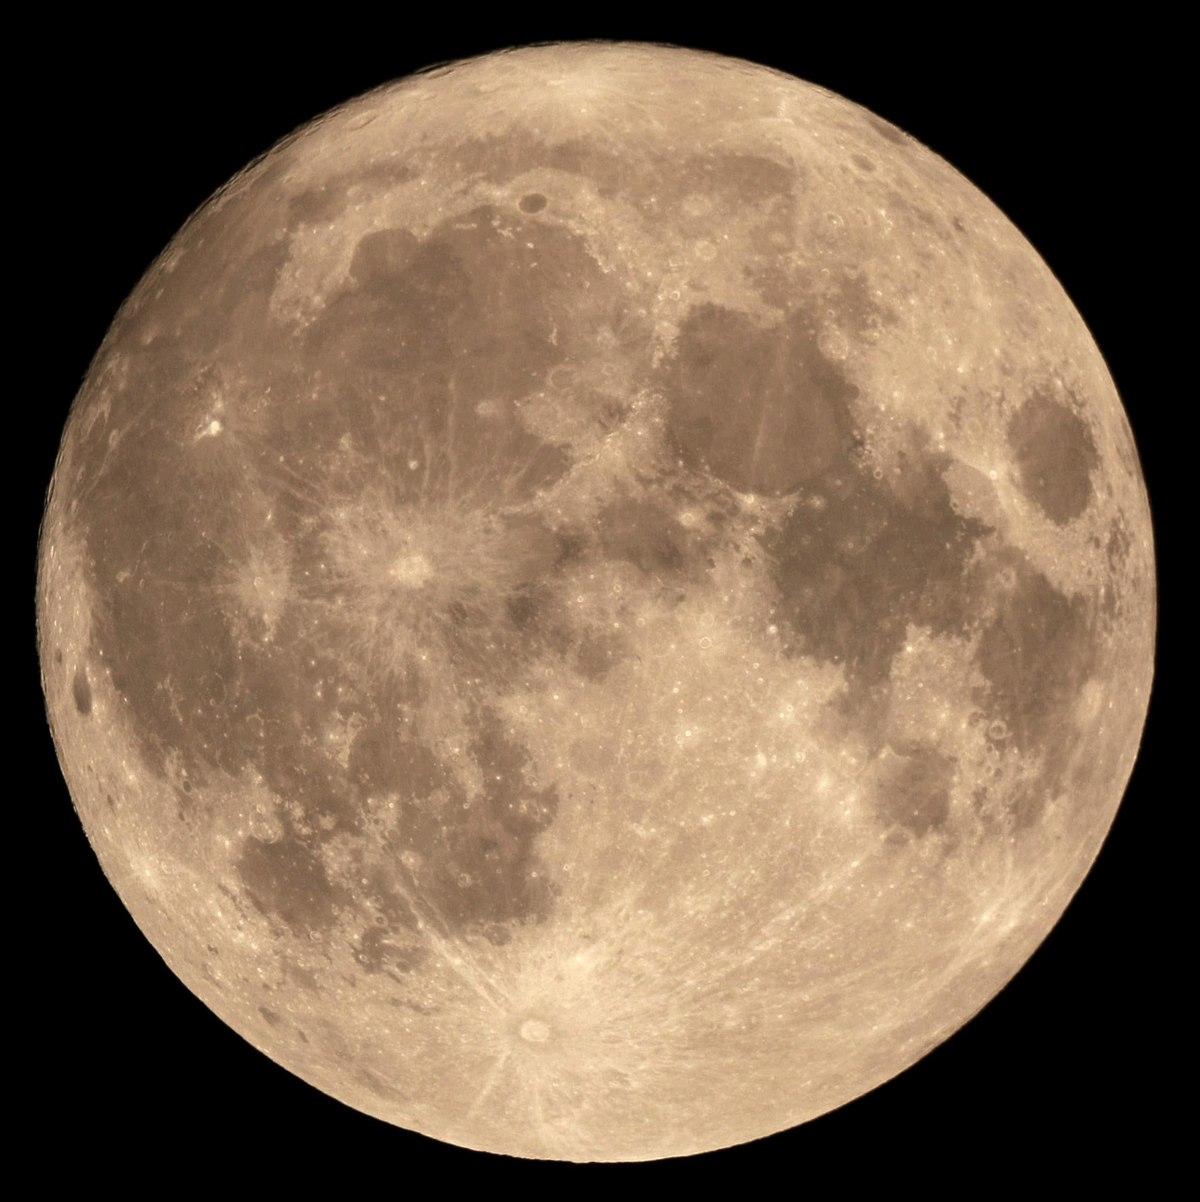 بالصور صور القمر العملاق , اجمل صور للقمر الرائع 12303 4